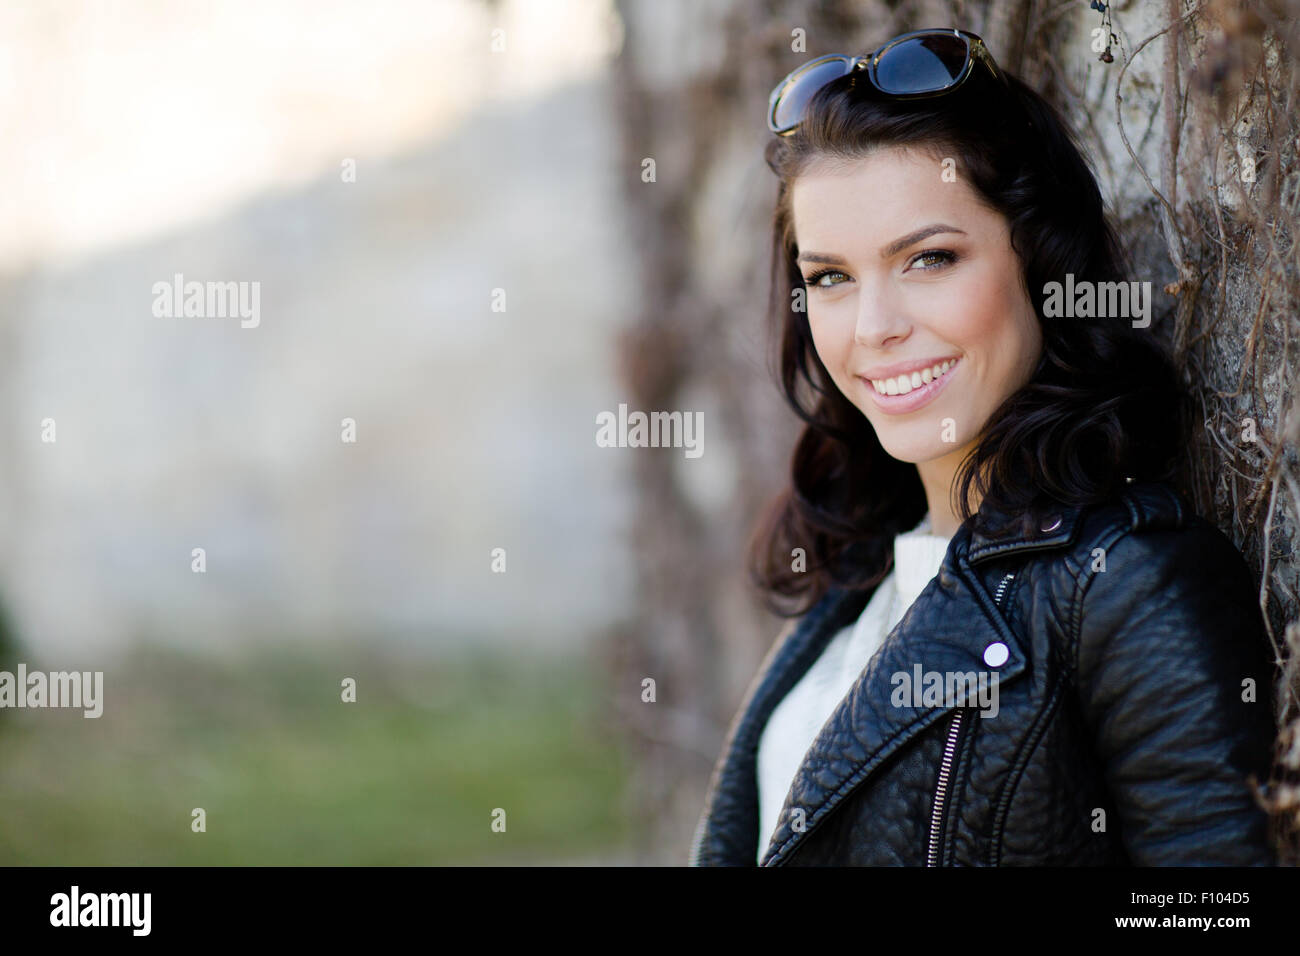 Retrato de una bella joven sonriente, apoyado contra una pared Imagen De Stock